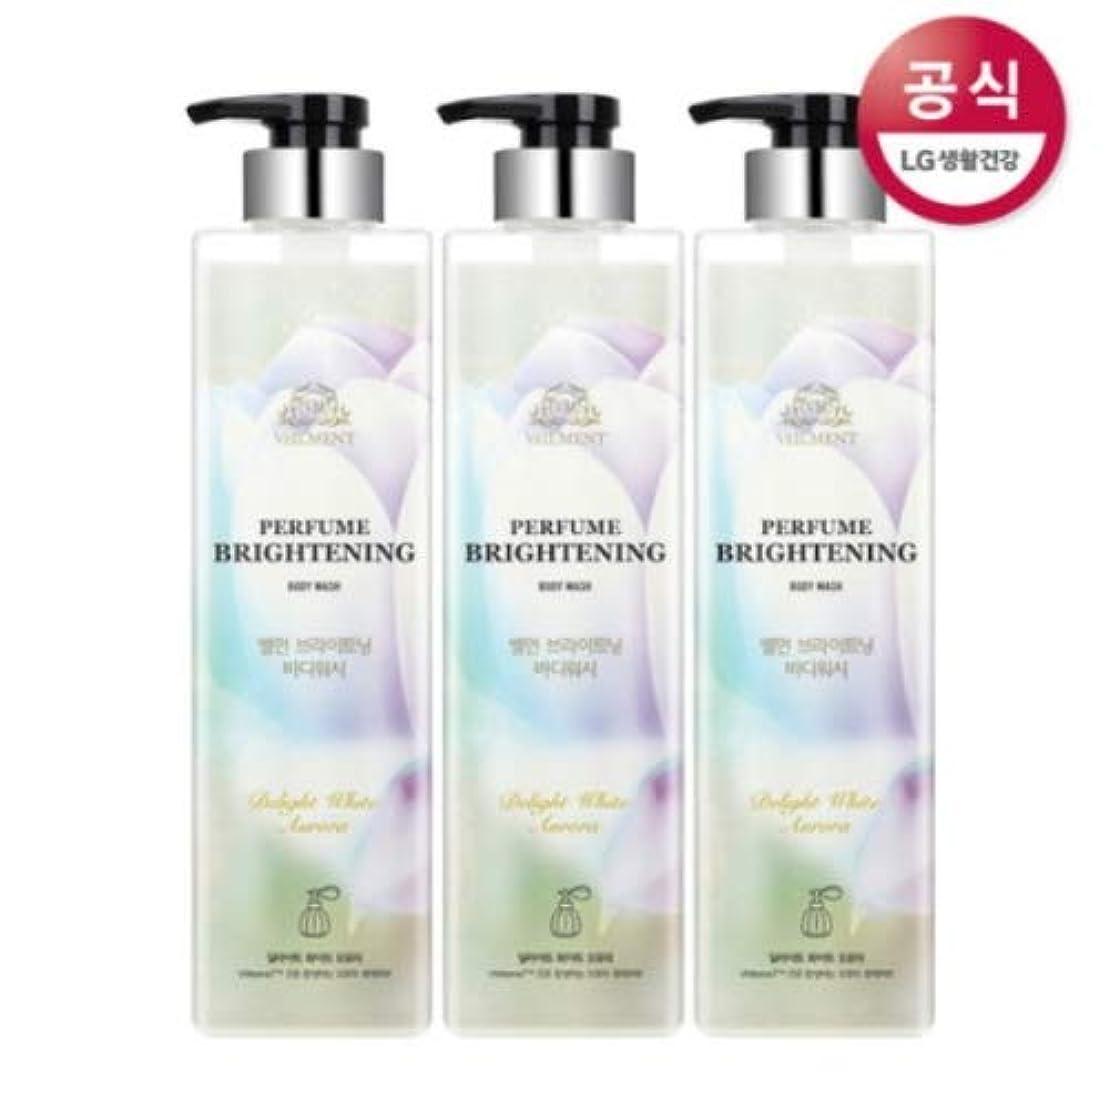 有名所有権で[LG HnB] On the Body Belman Perfume Brightening Body Wash / オンザボディベルモンパフュームブライトニングボディウォッシュ680mlx3個(海外直送品)